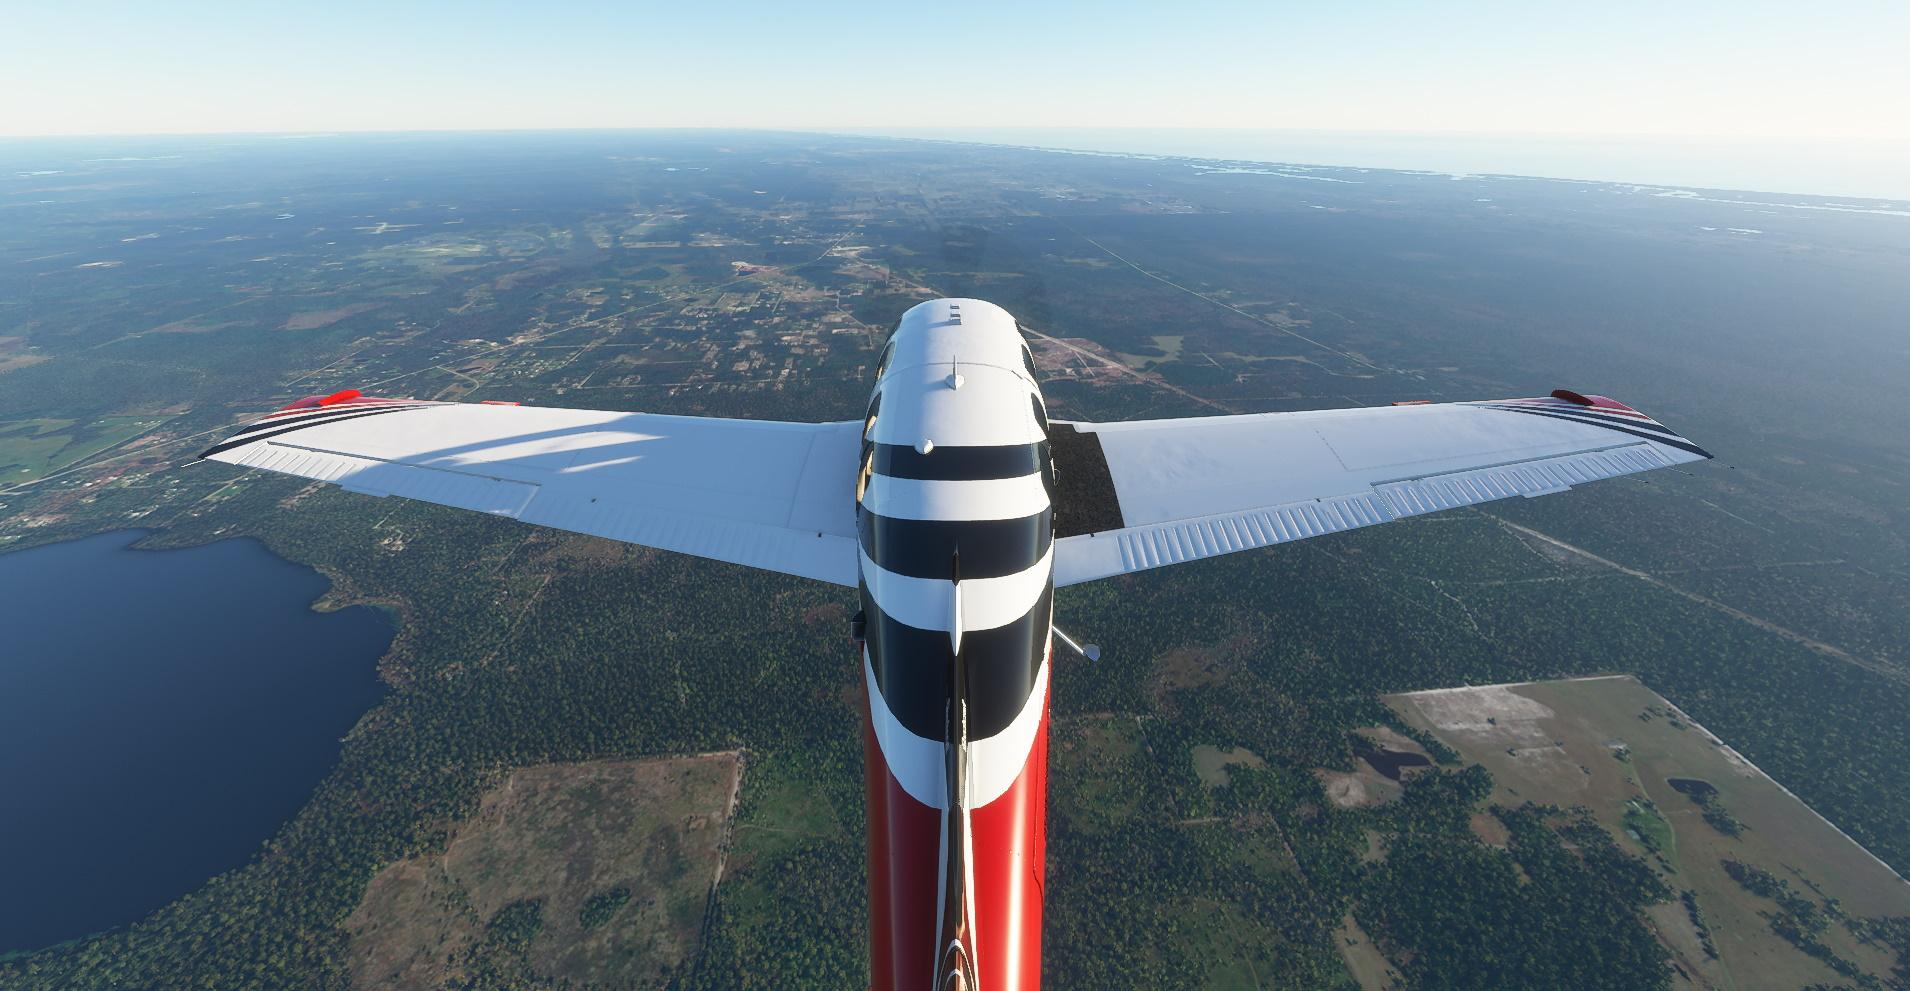 Симулятор полета Bonanza Over Fl